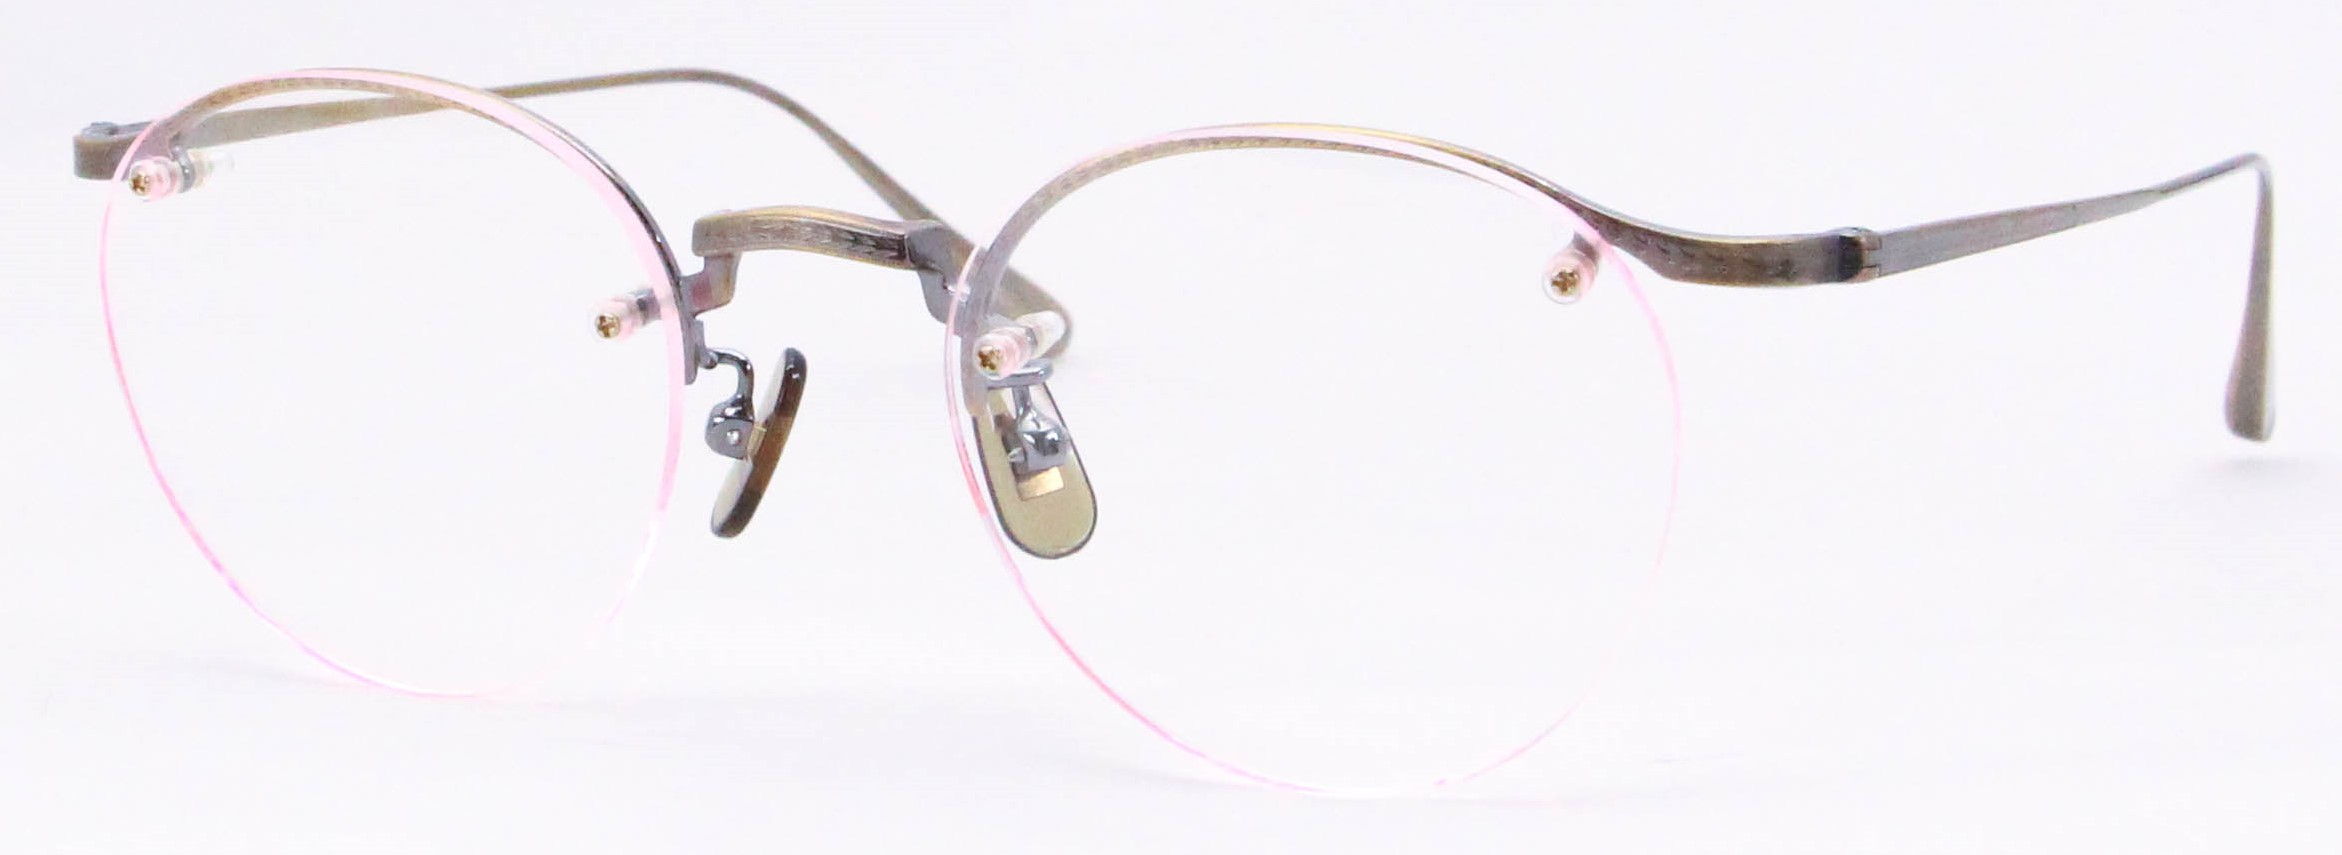 眼鏡のカラータイプC-4 At-Gold